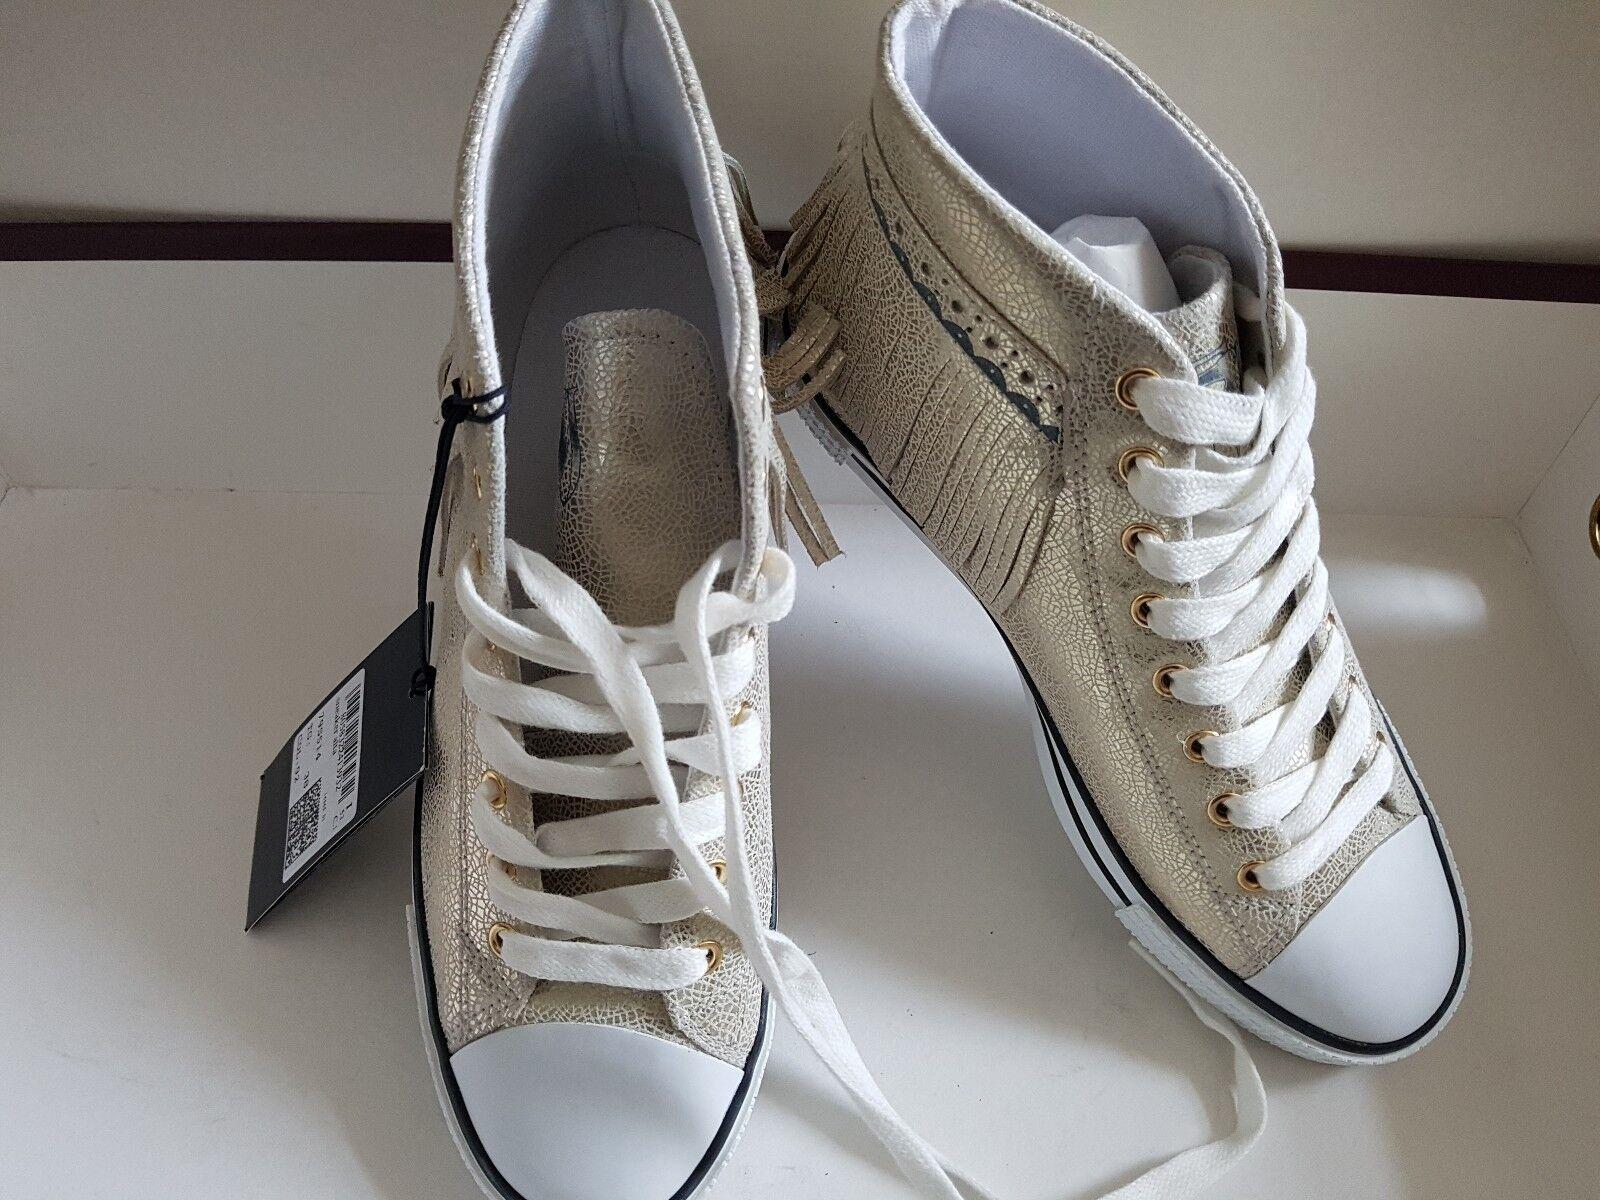 TRUSSARDI JEANS Damen Schuhe Chucks 38/39 Sneaker Leder gold Gr. 38/39 Chucks NP  NEU 8ef8d2